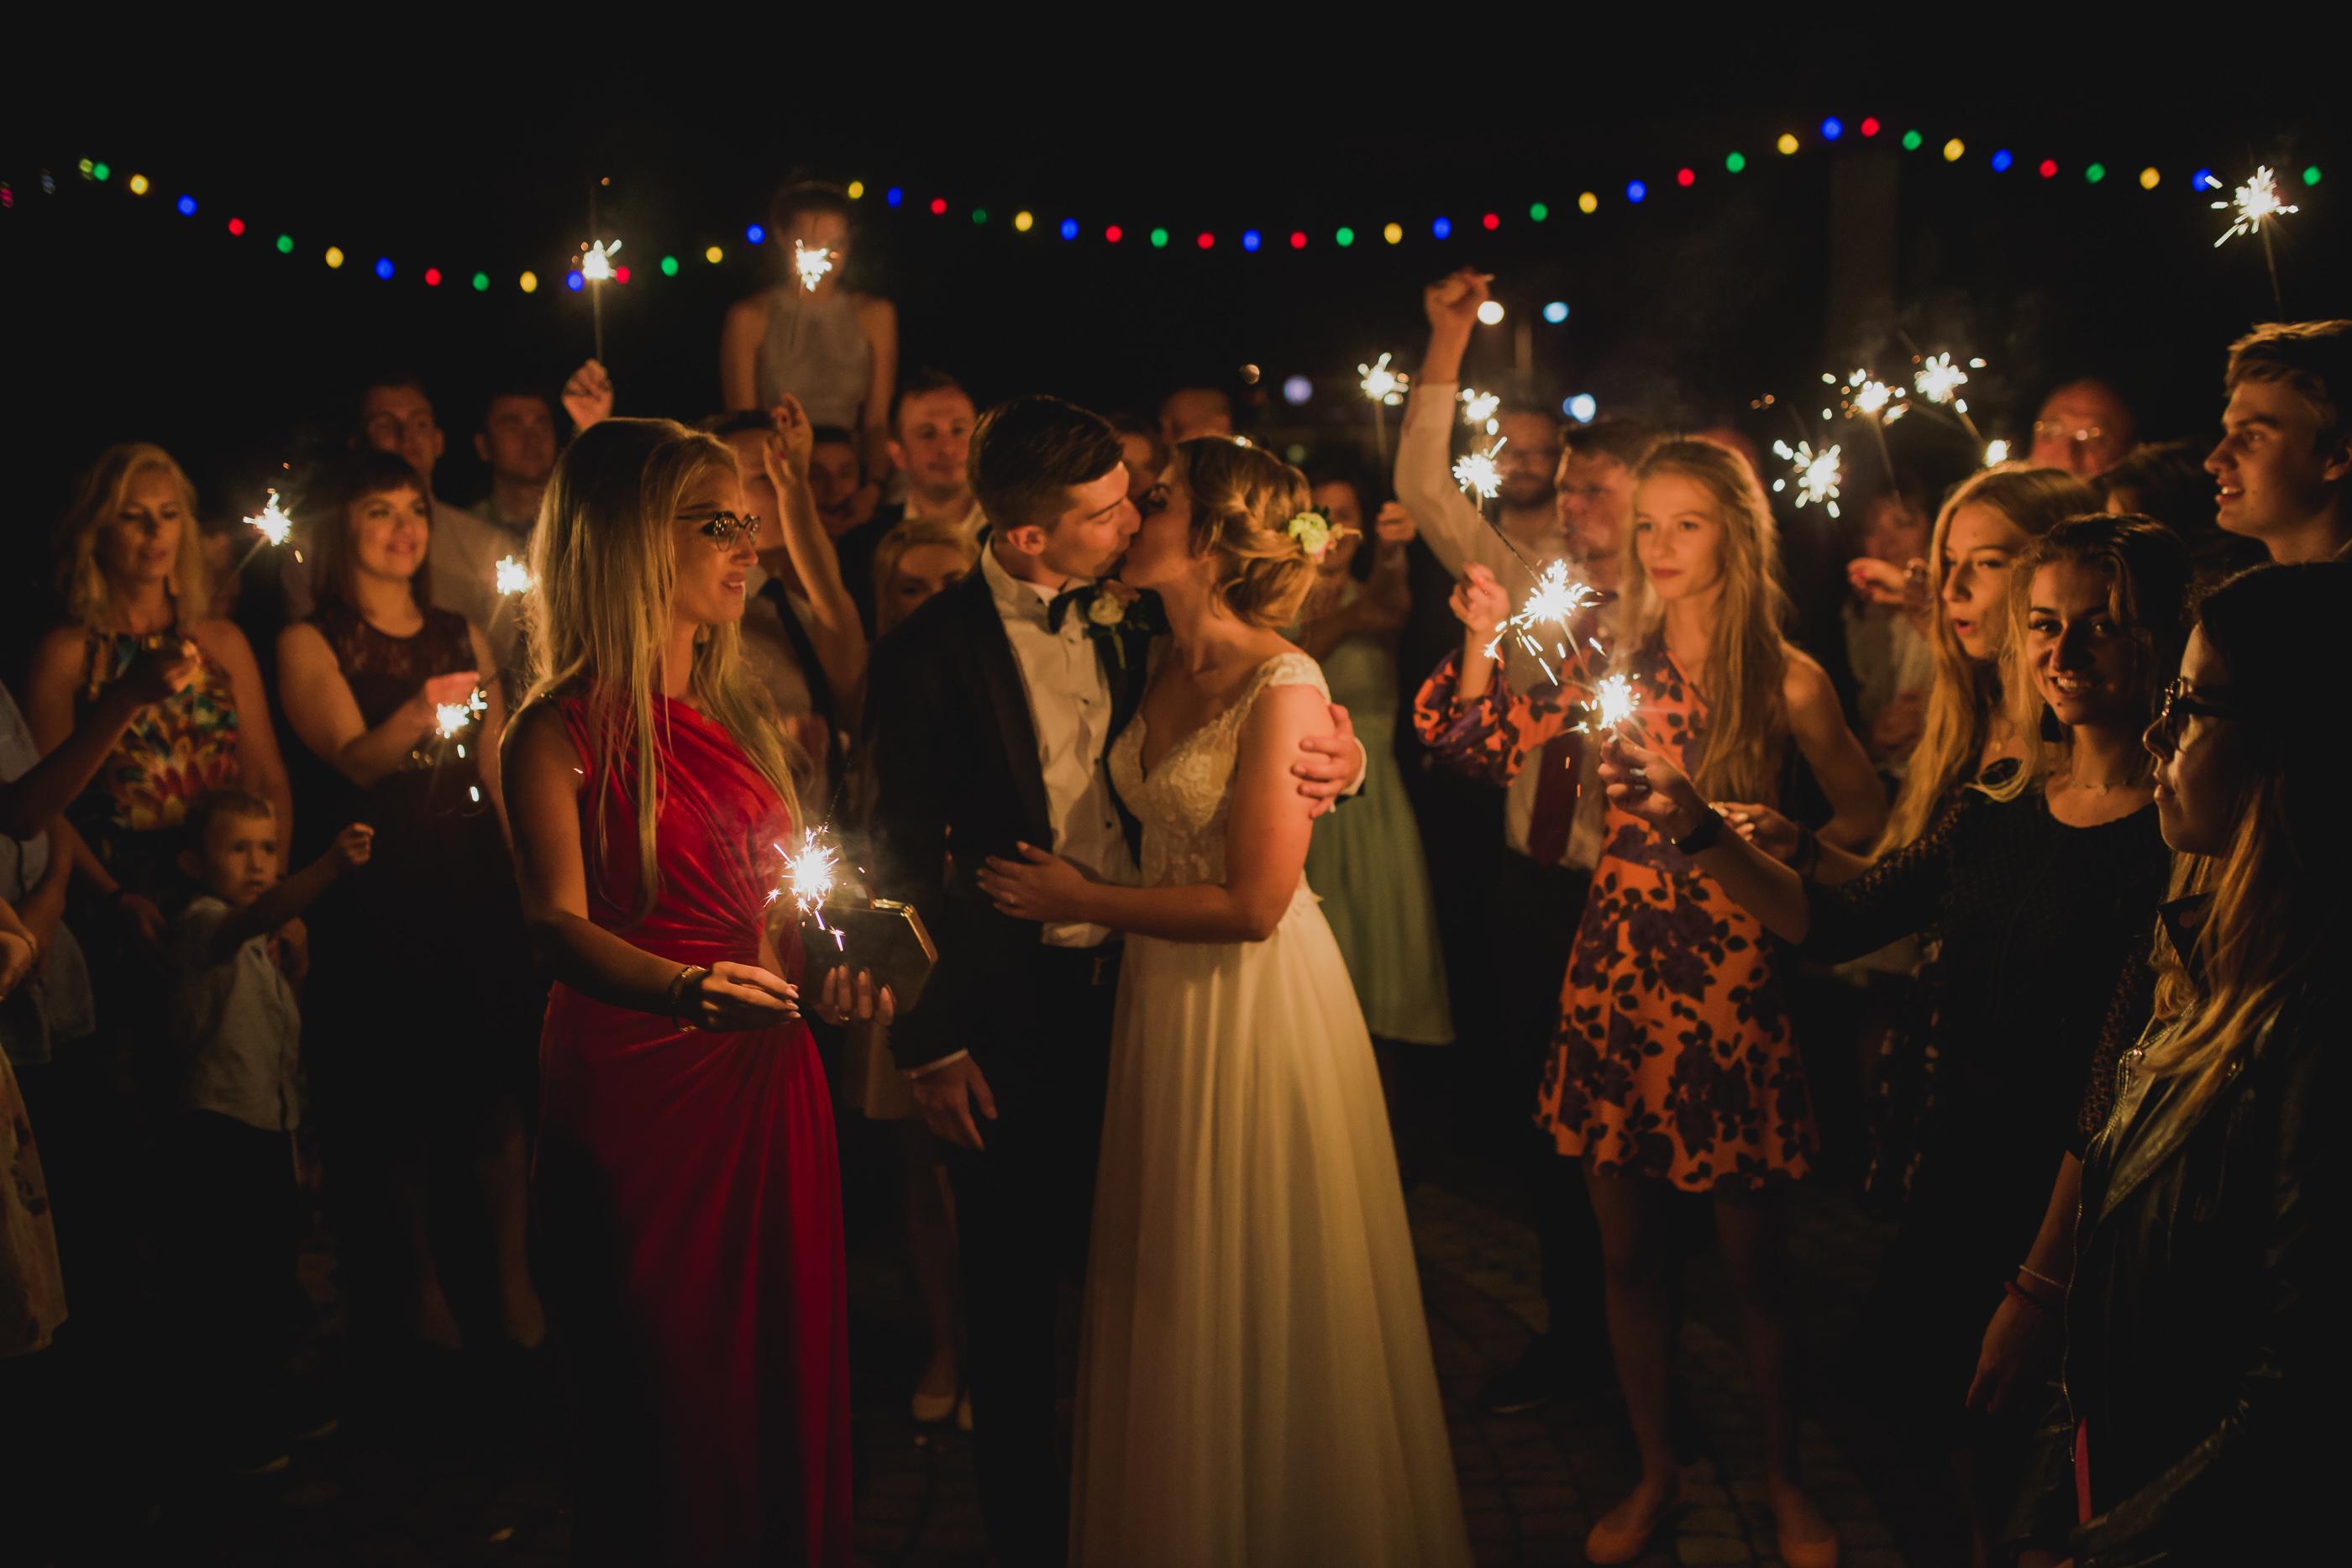 klimatyczne zdjęcie weselne